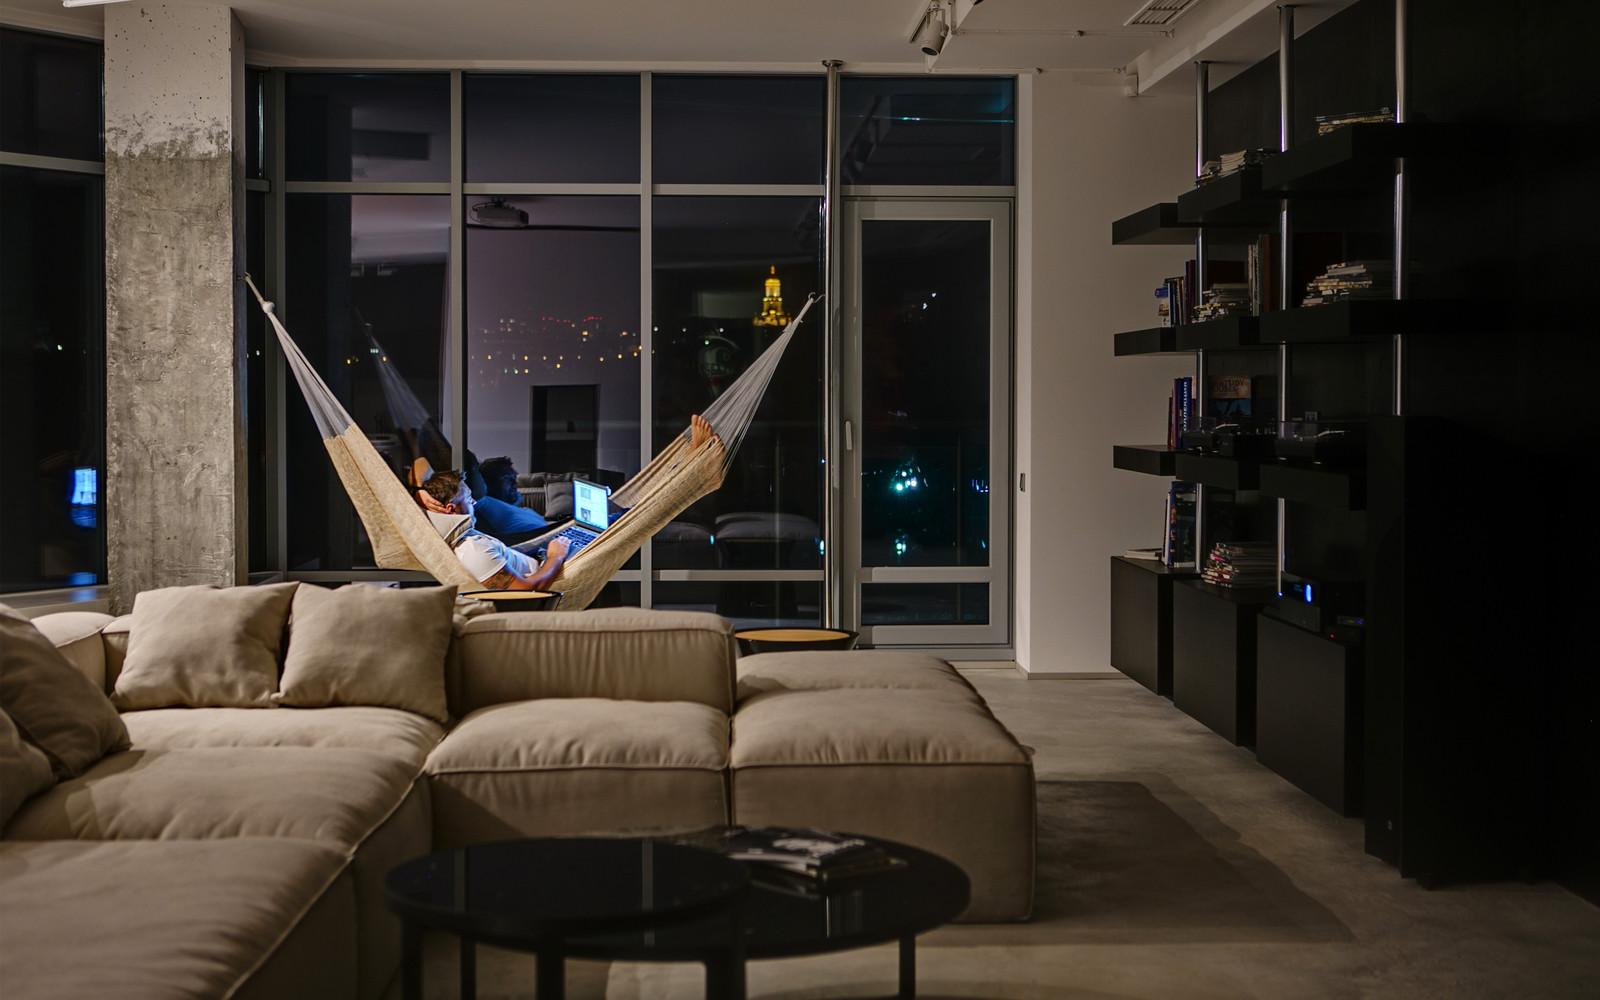 панорамни прозорци и свобода в просторния градски апартамент_1